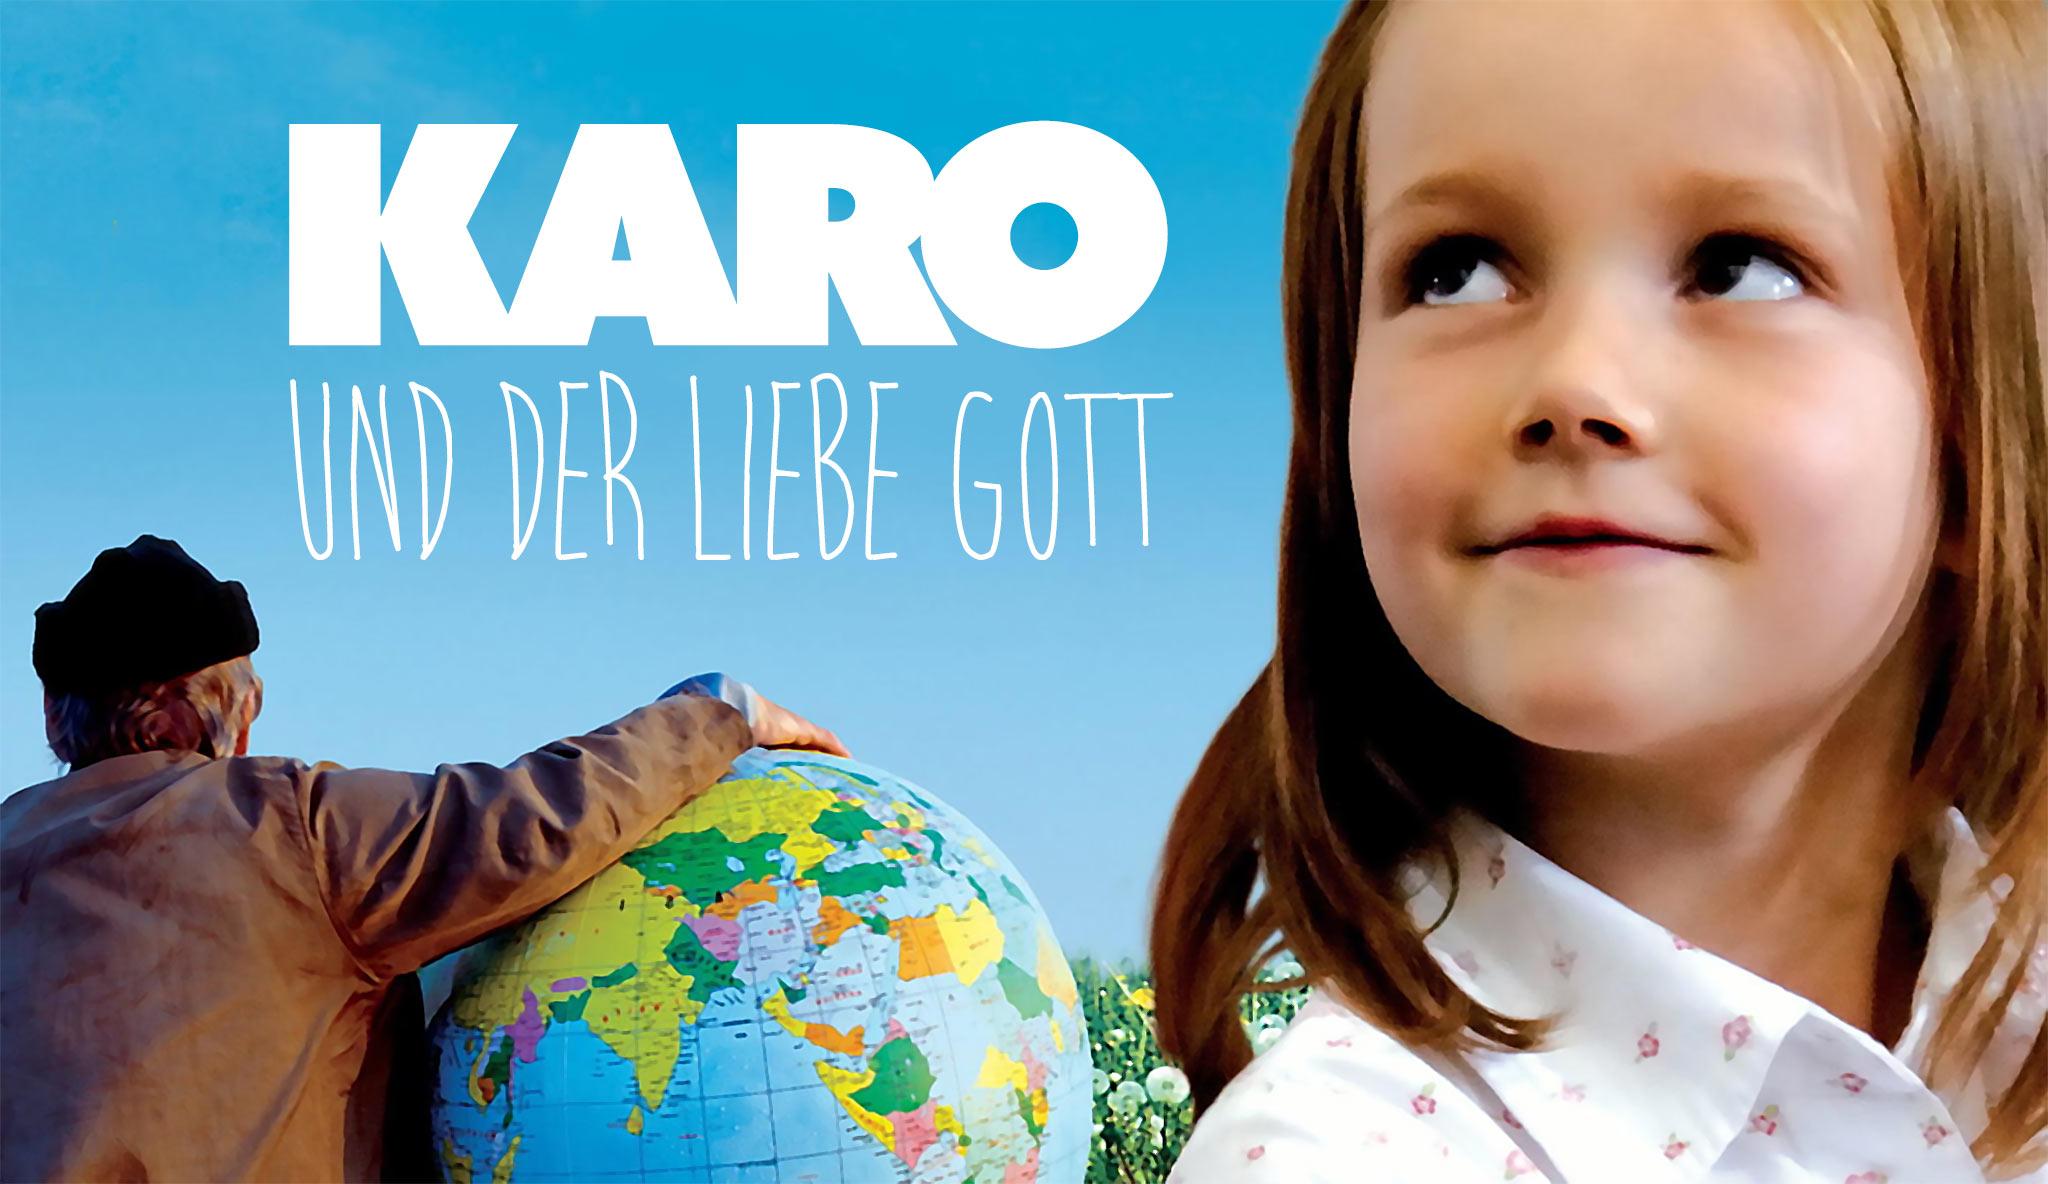 karo-und-der-liebe-gott\header.jpg